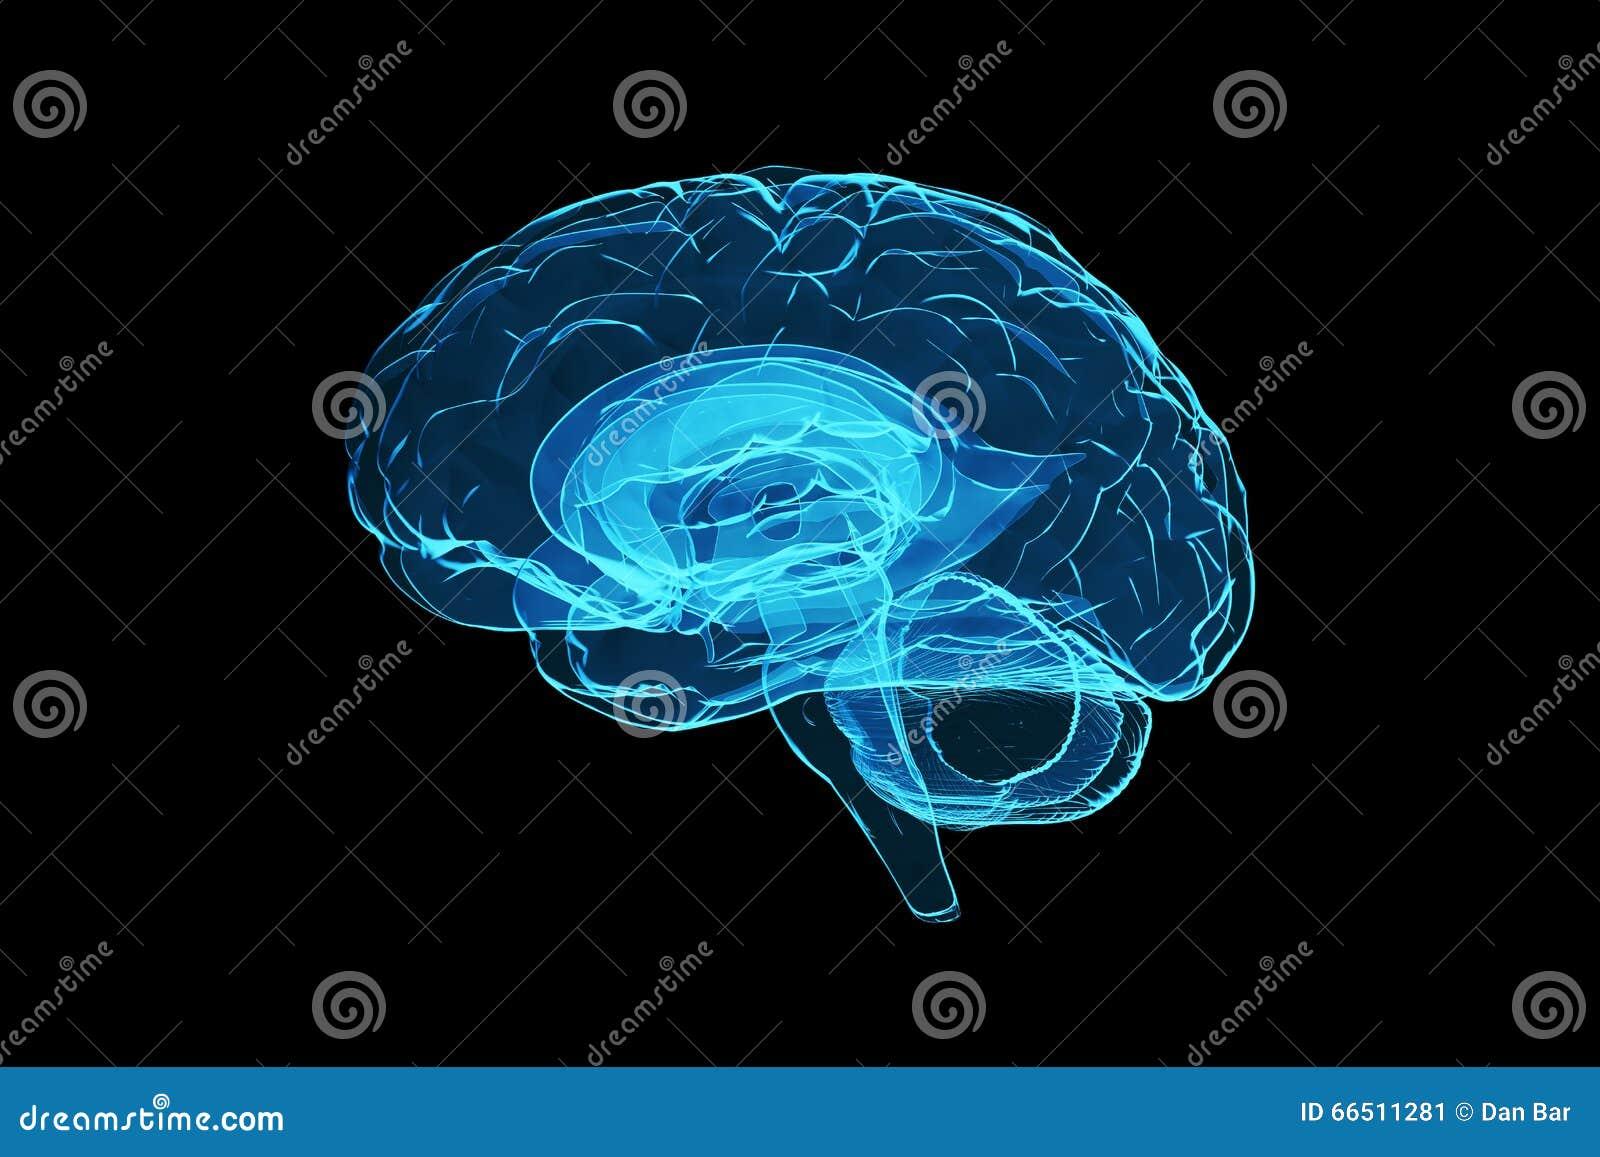 3d human brain stock illustration  Illustration of intellect